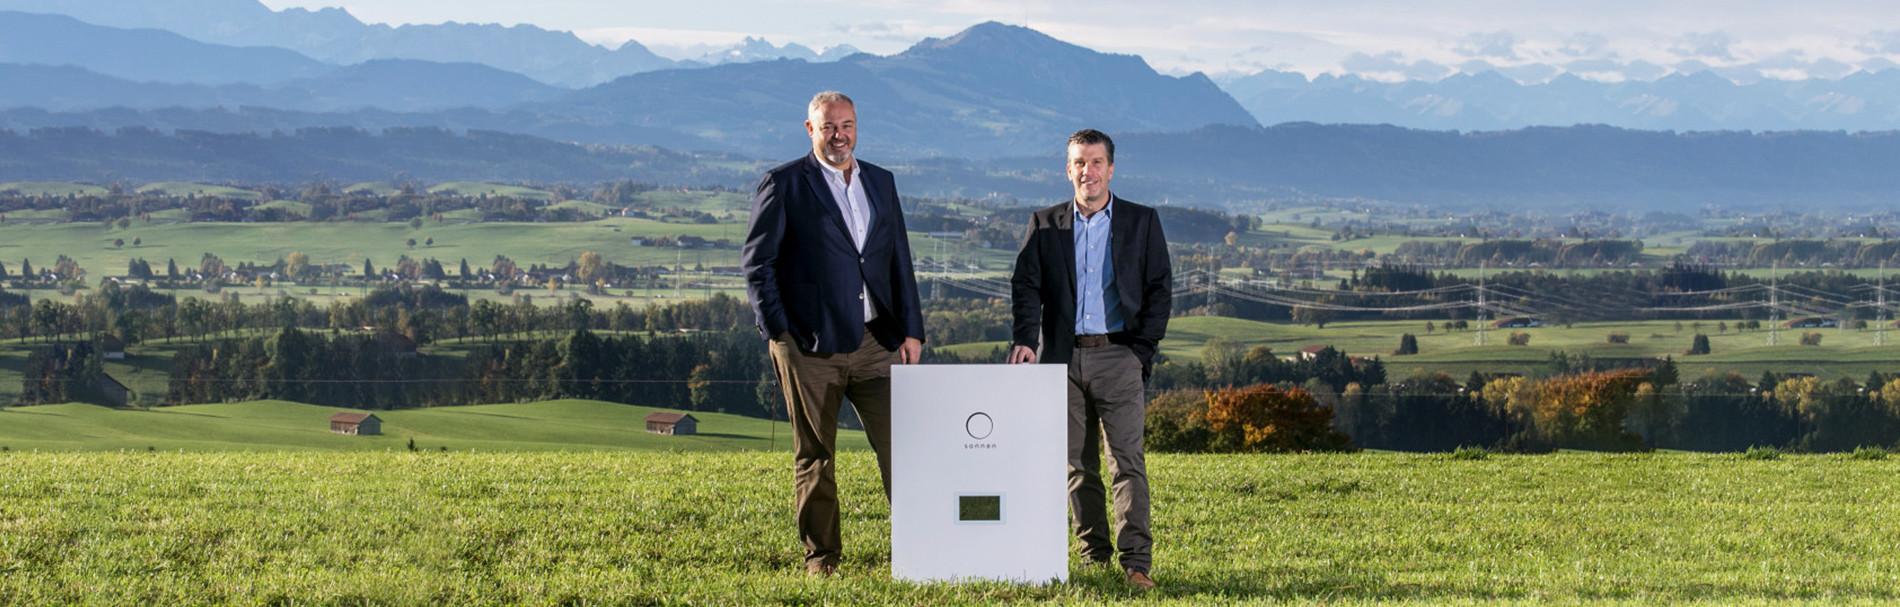 Gründer vor Alpenpanorama